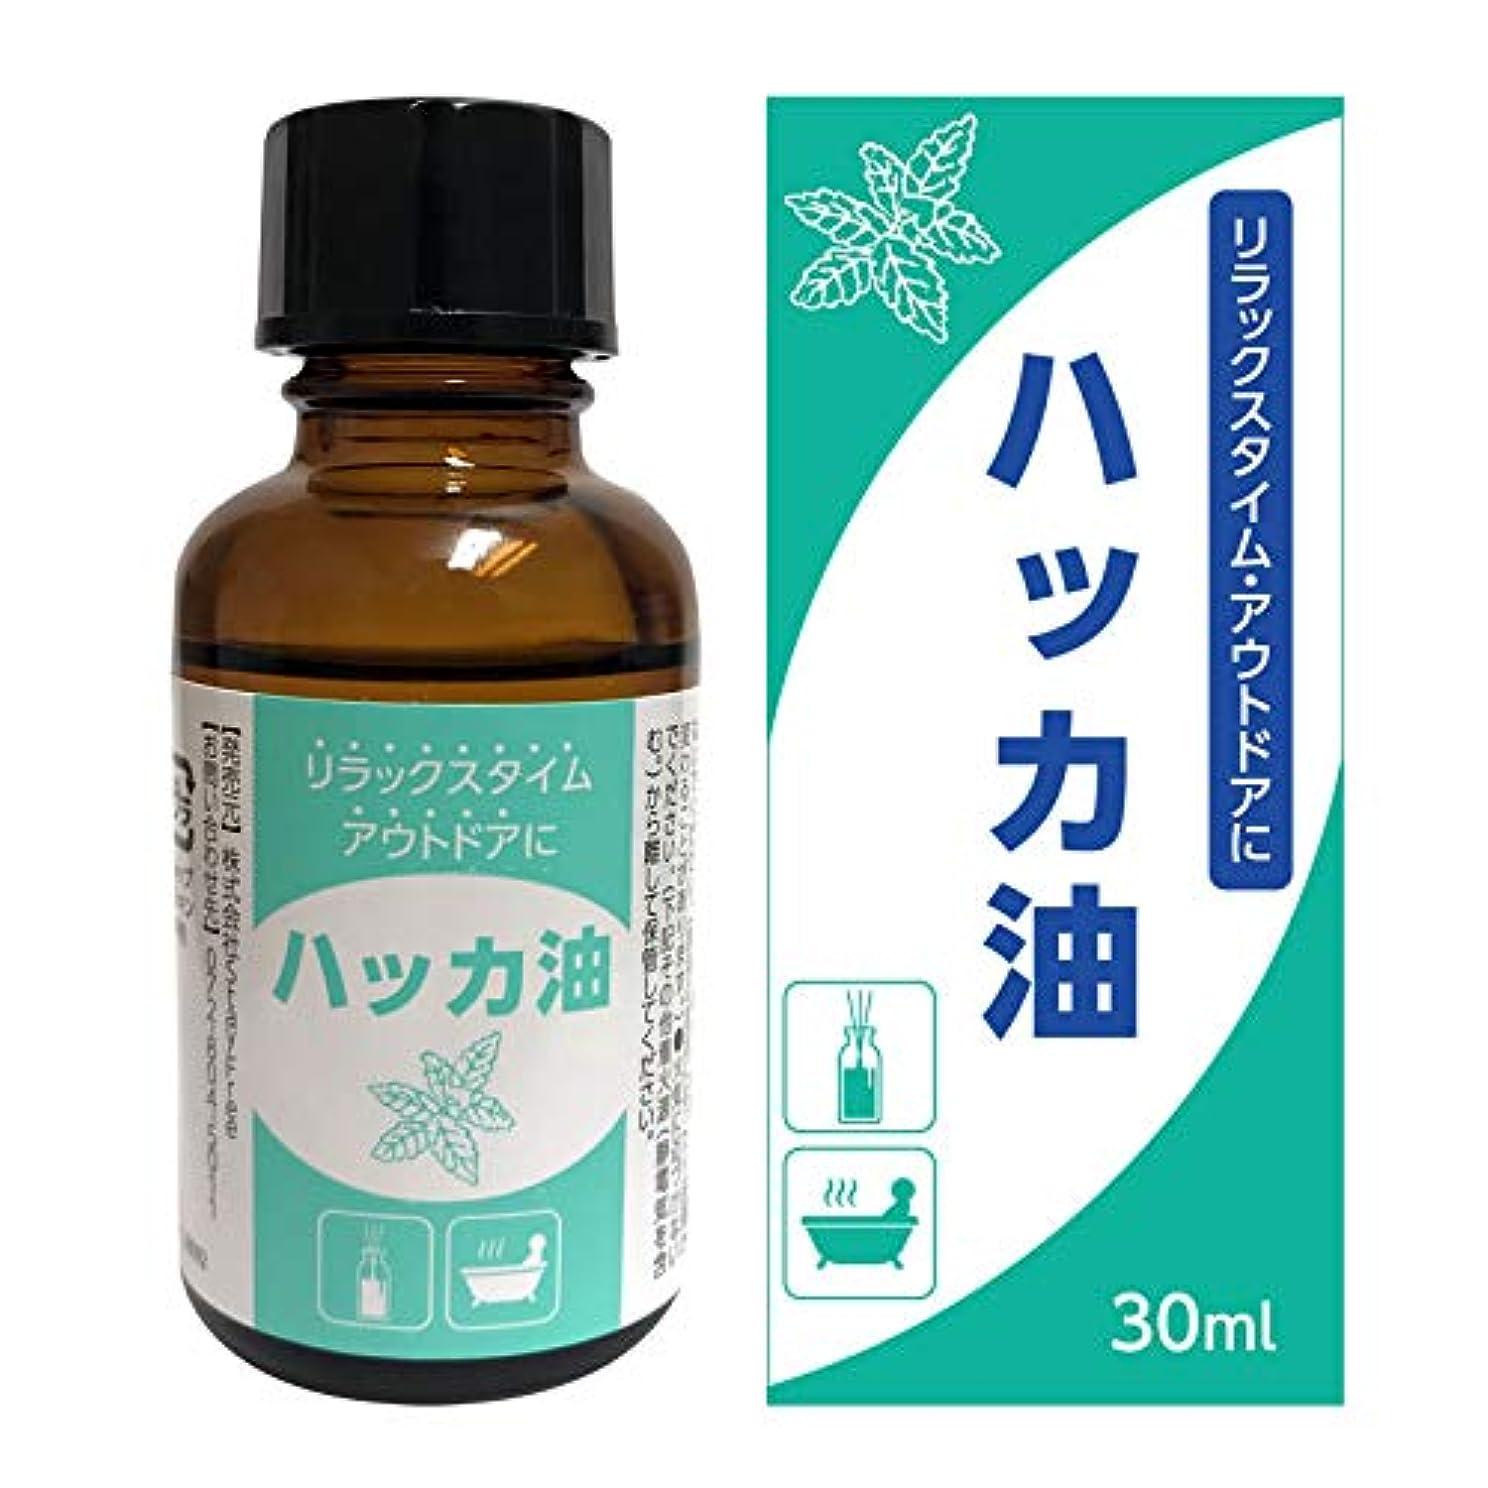 どれでも効率的に不安ハッカ油 30ml 天然 ハッカオイル 原液 アロマ アウトドア お風呂 (30ml(単体))